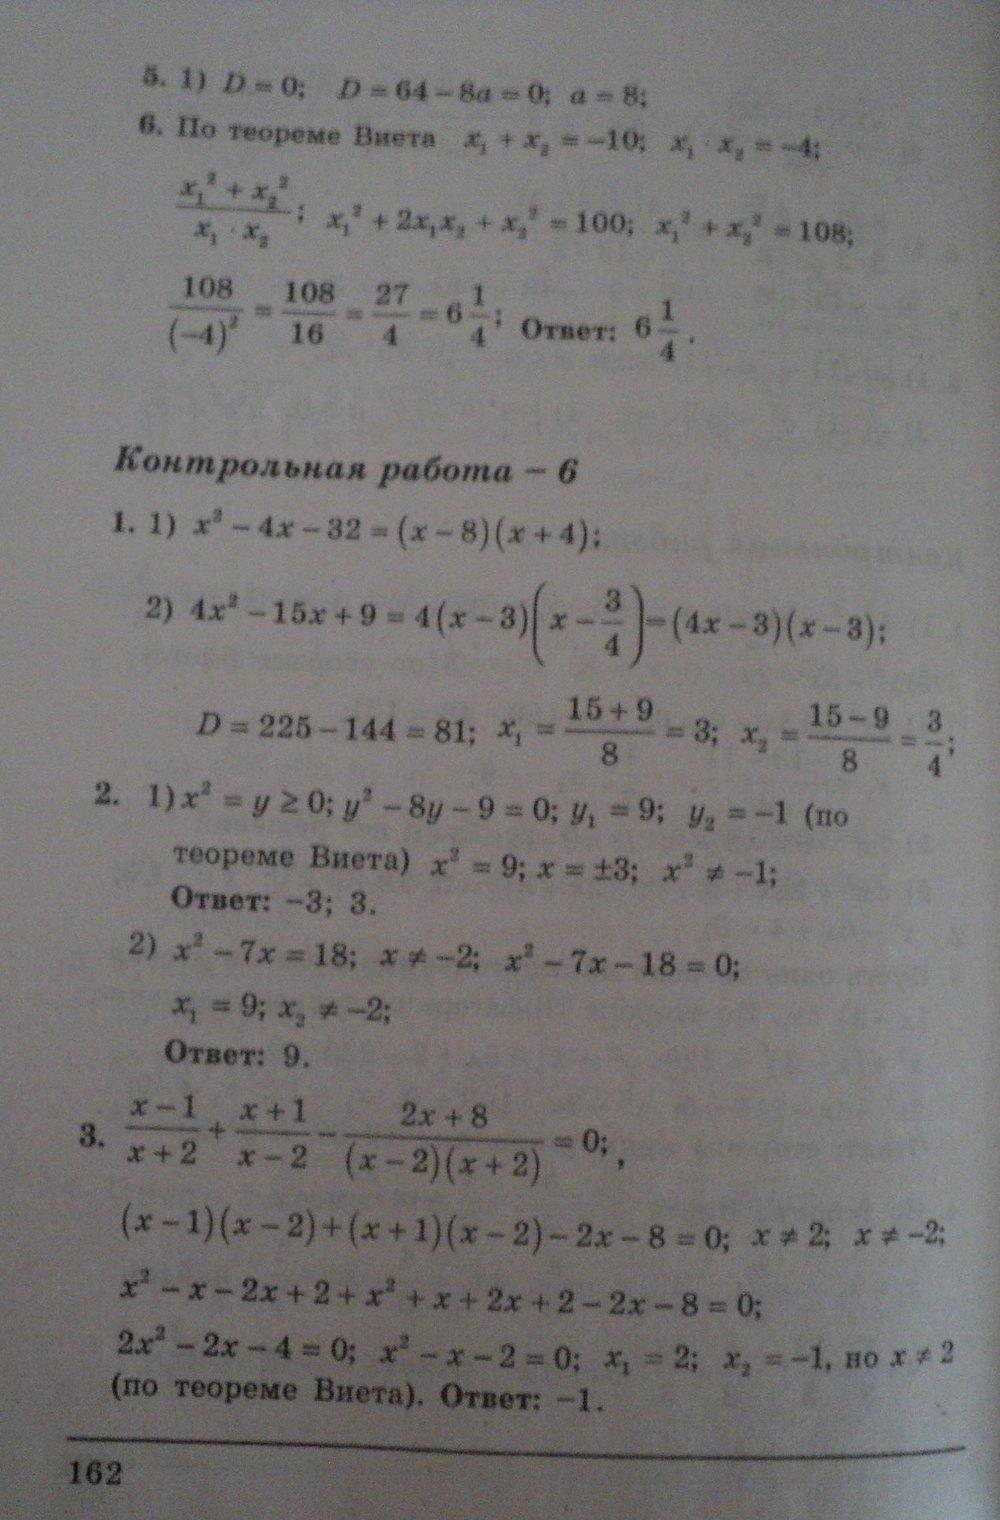 ГДЗ по алгебре 8 класс Щербань П.. Задание: стр. 162